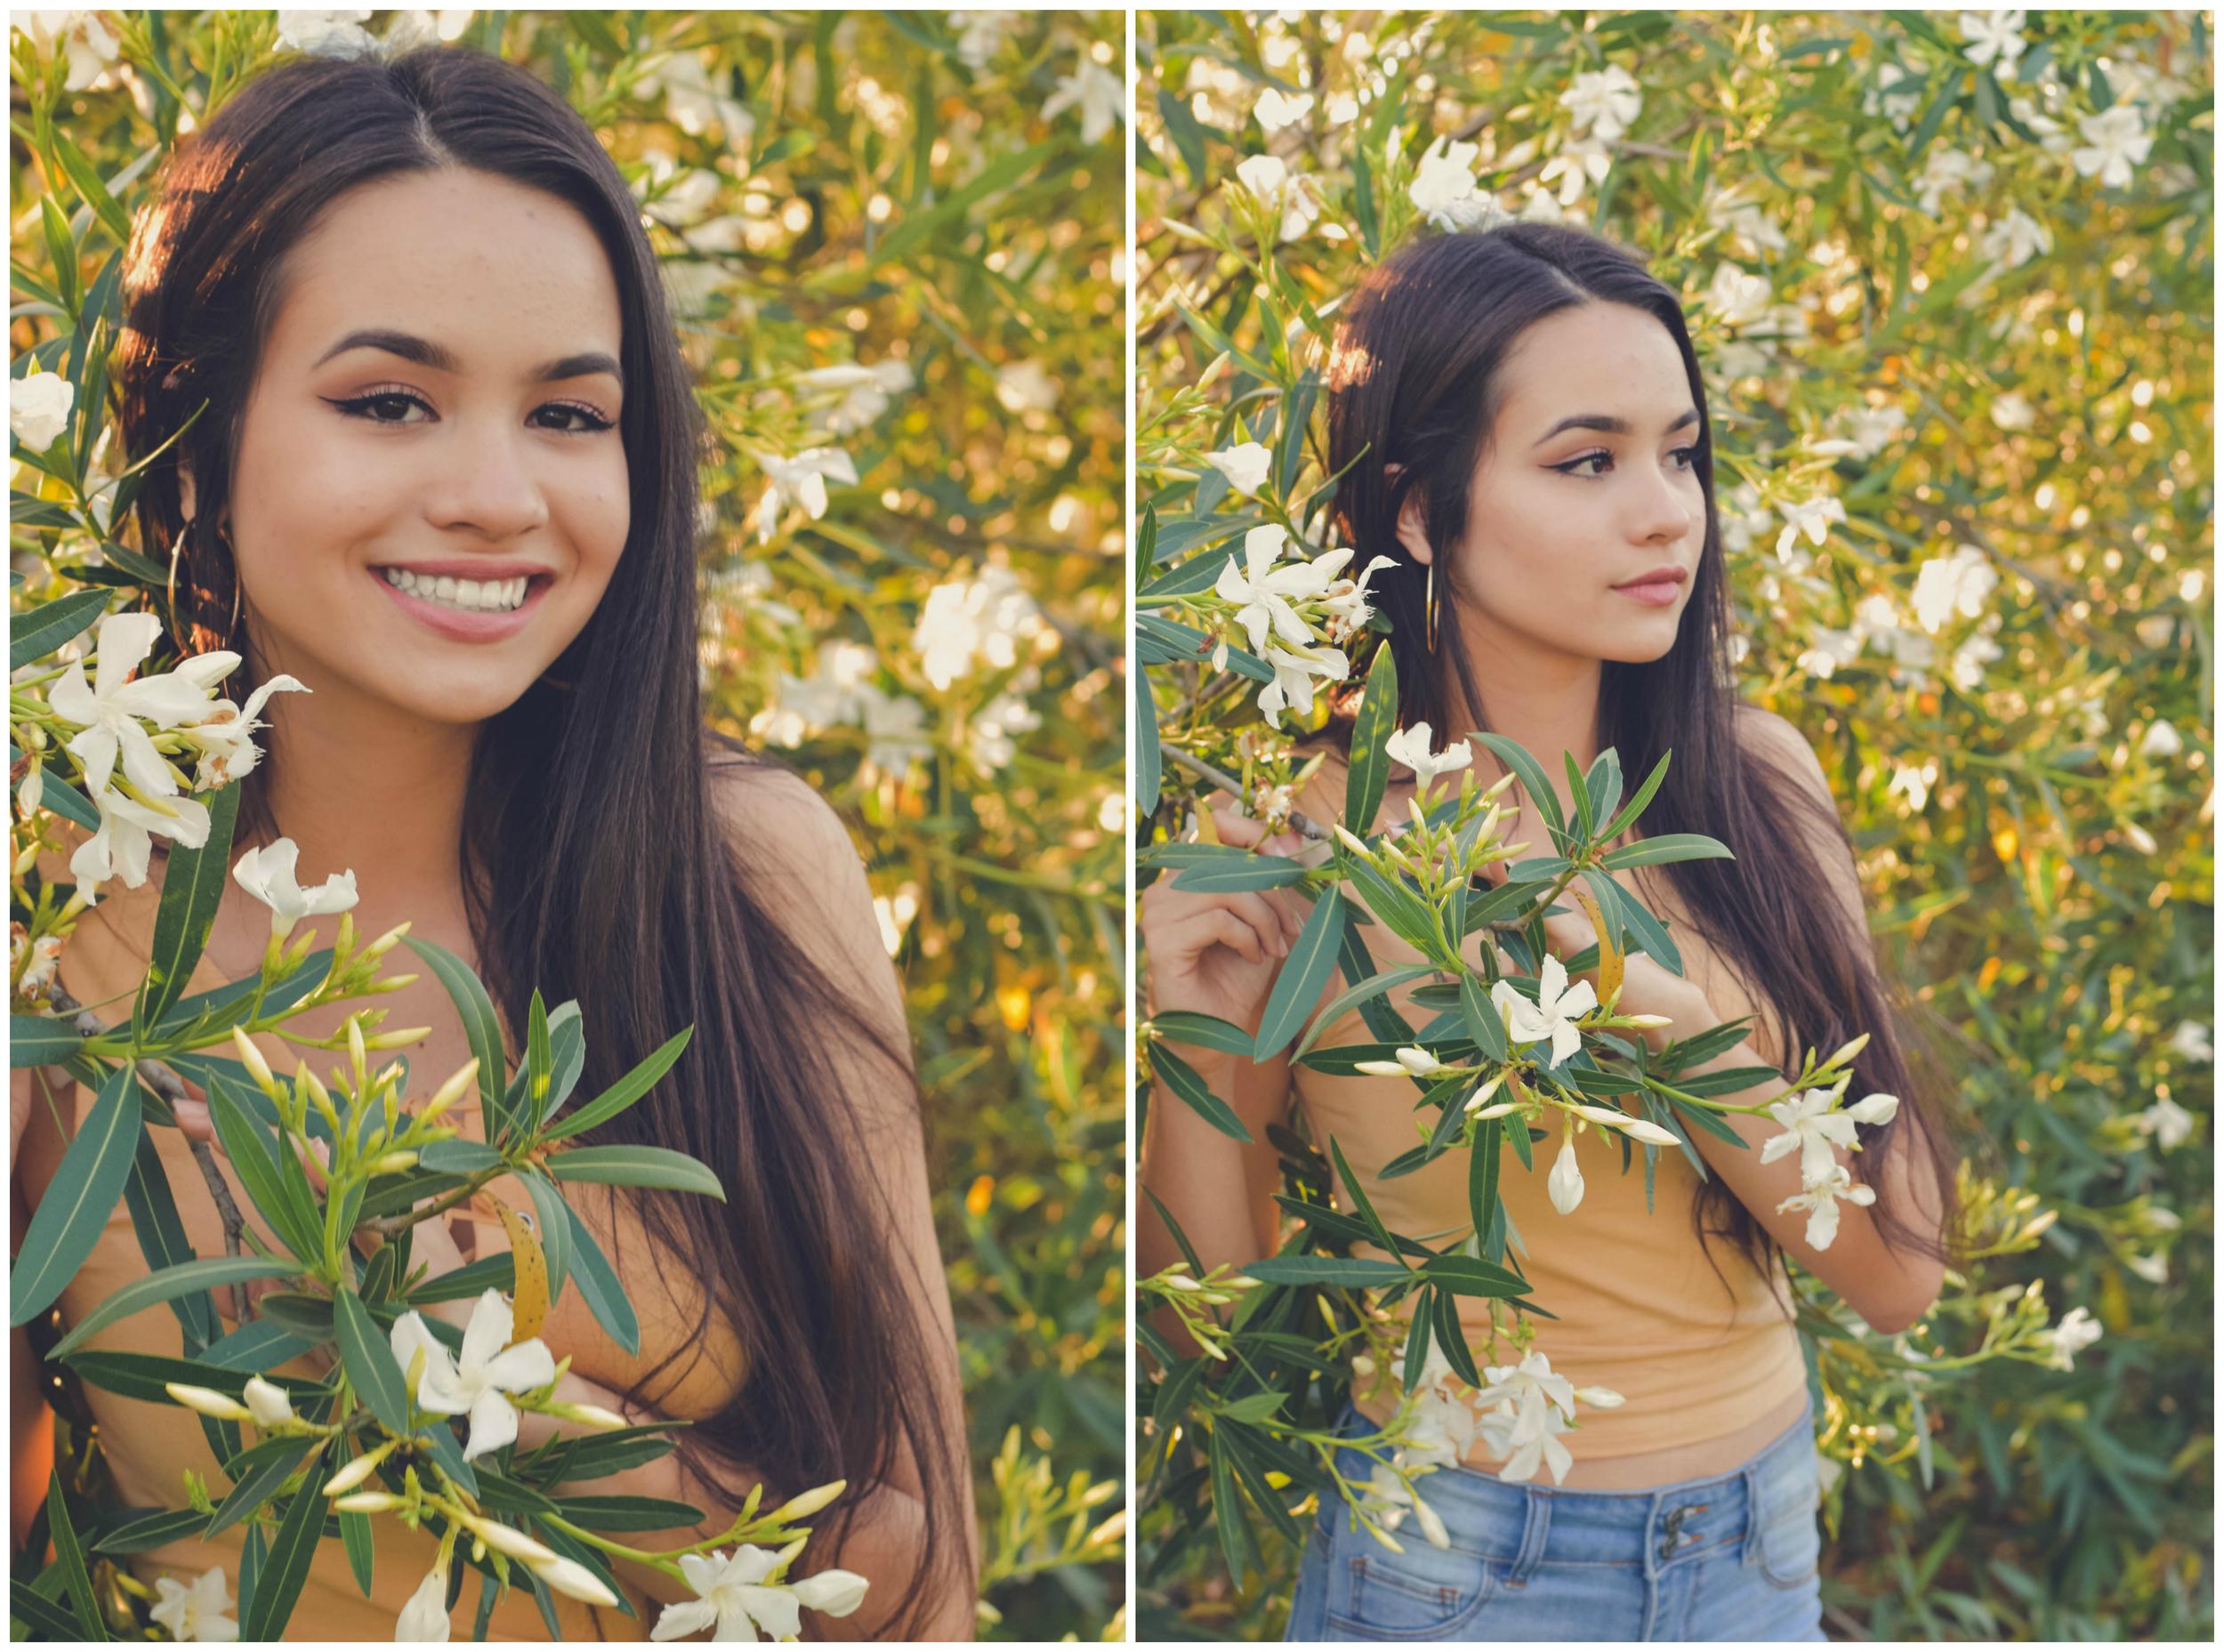 Alexia Collage 2.jpg